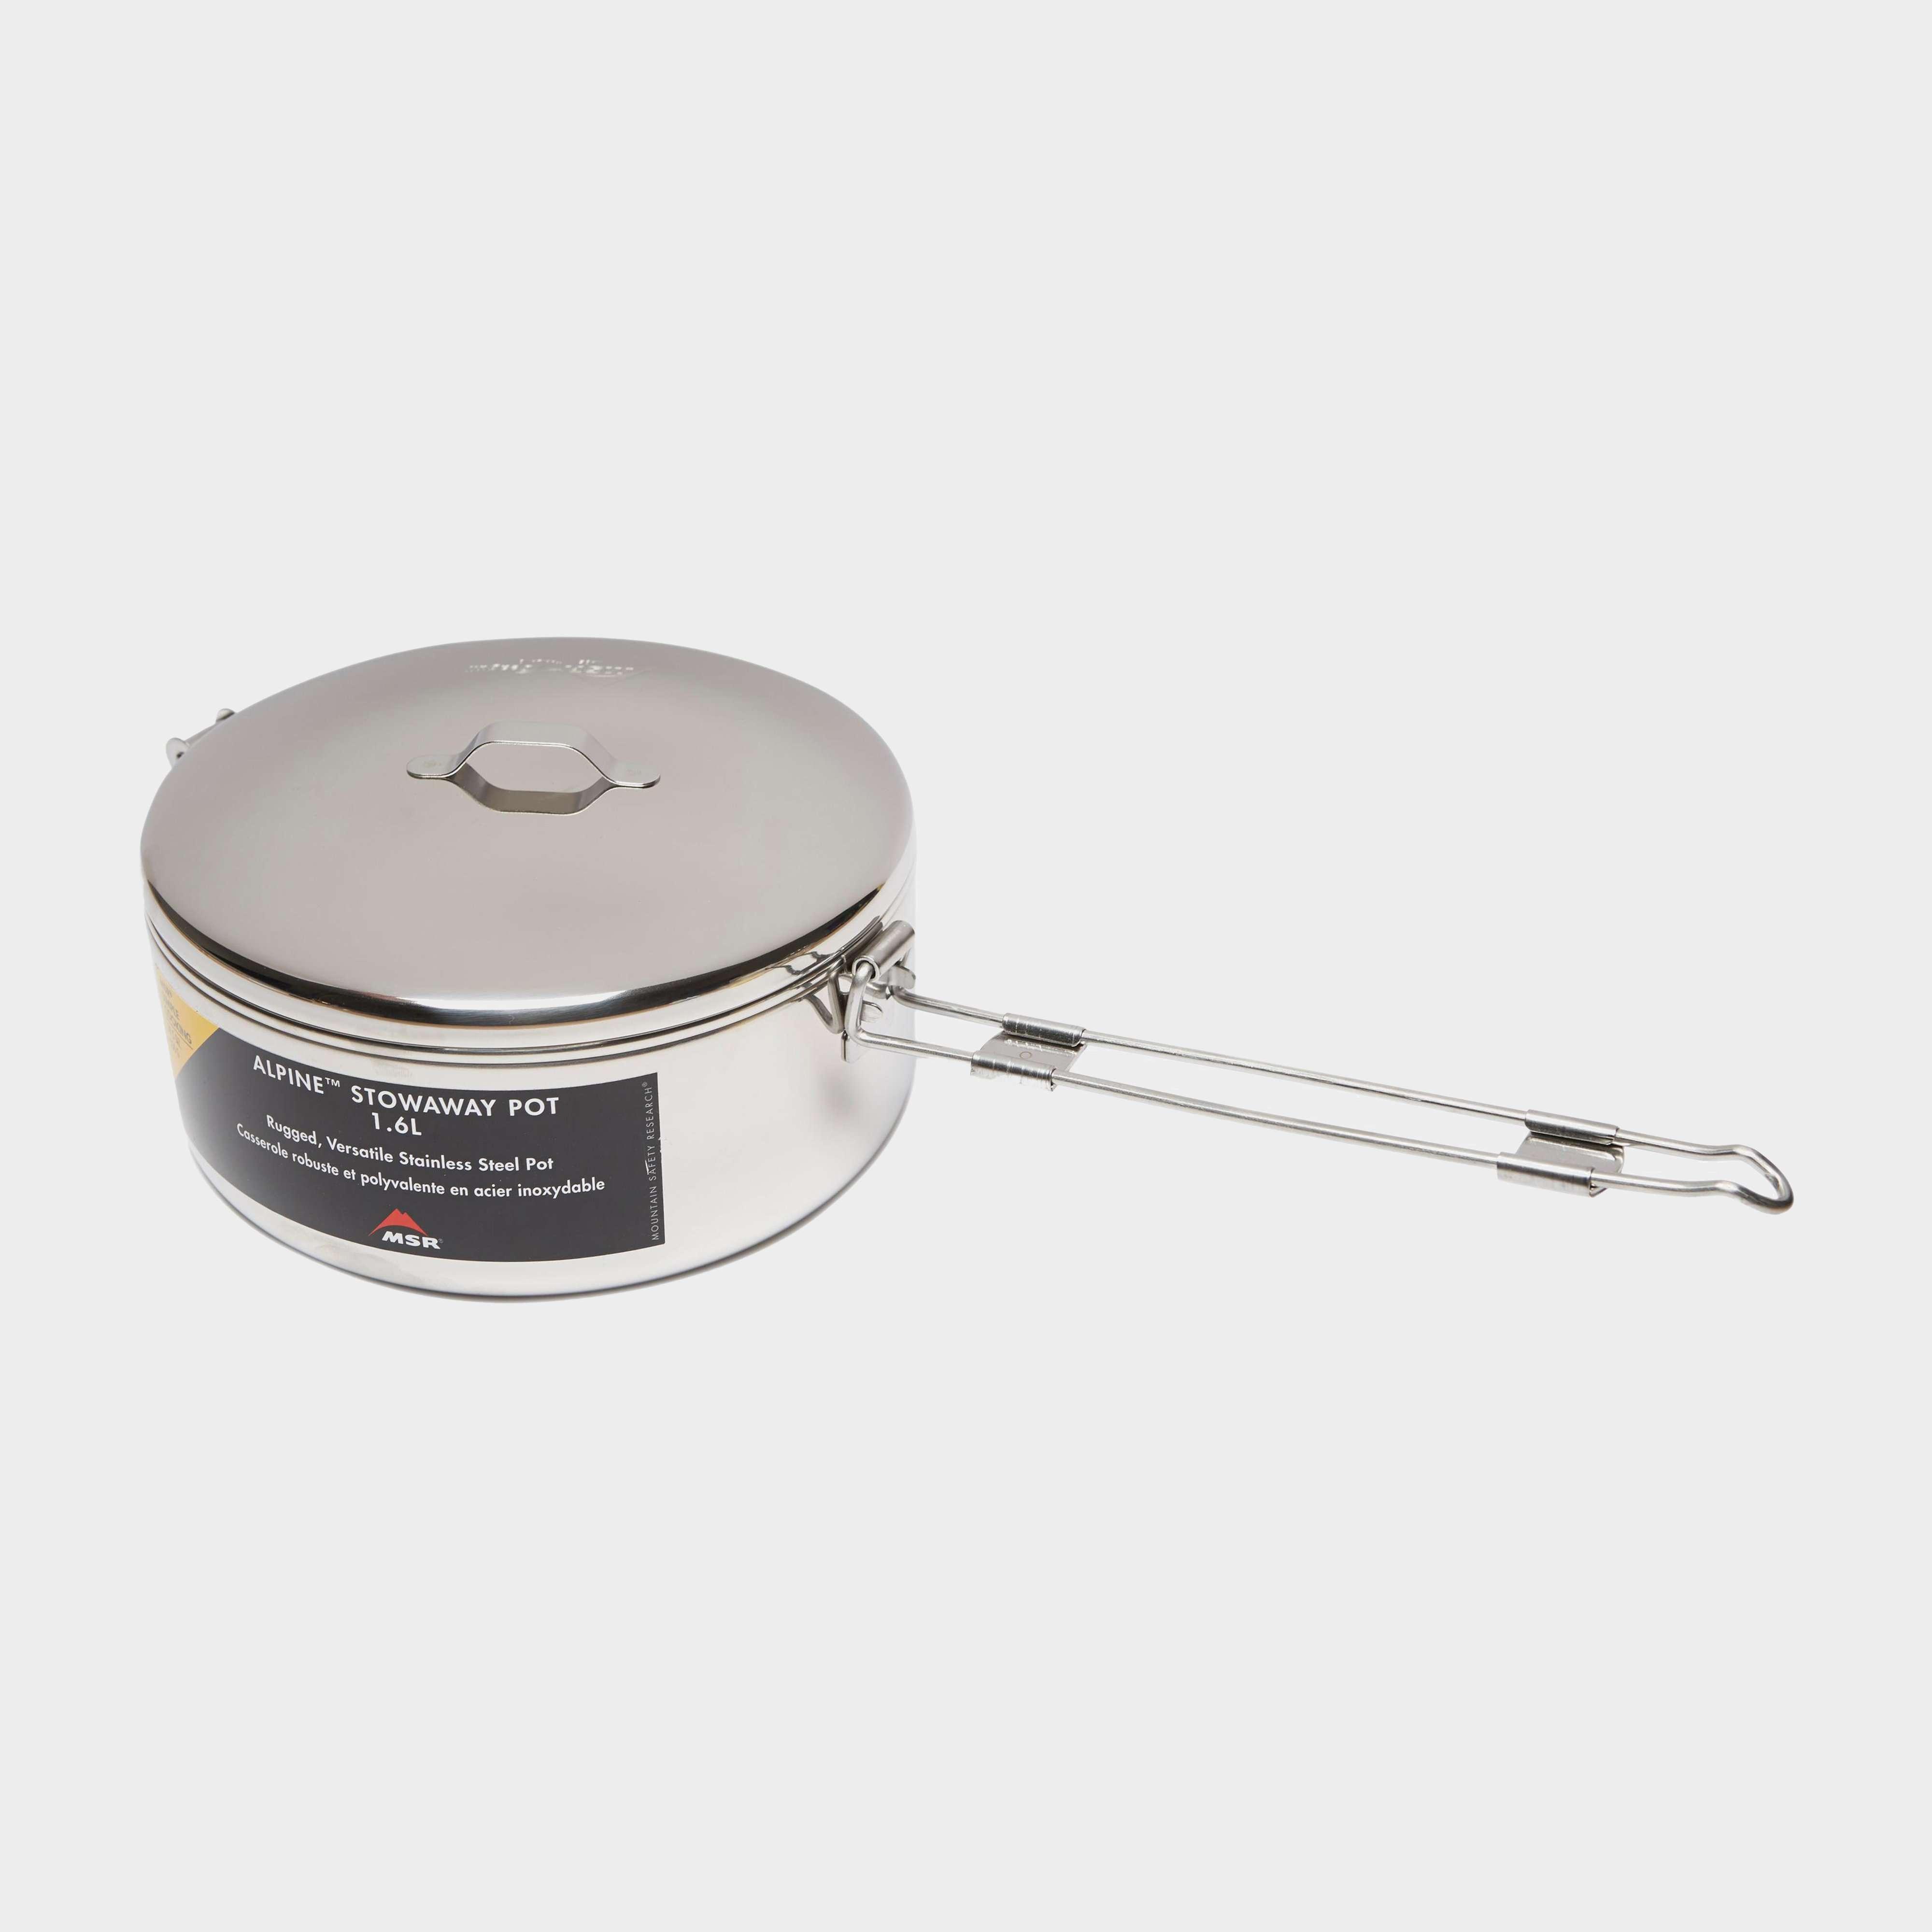 MSR Alpine Stowaway Pot - 16L